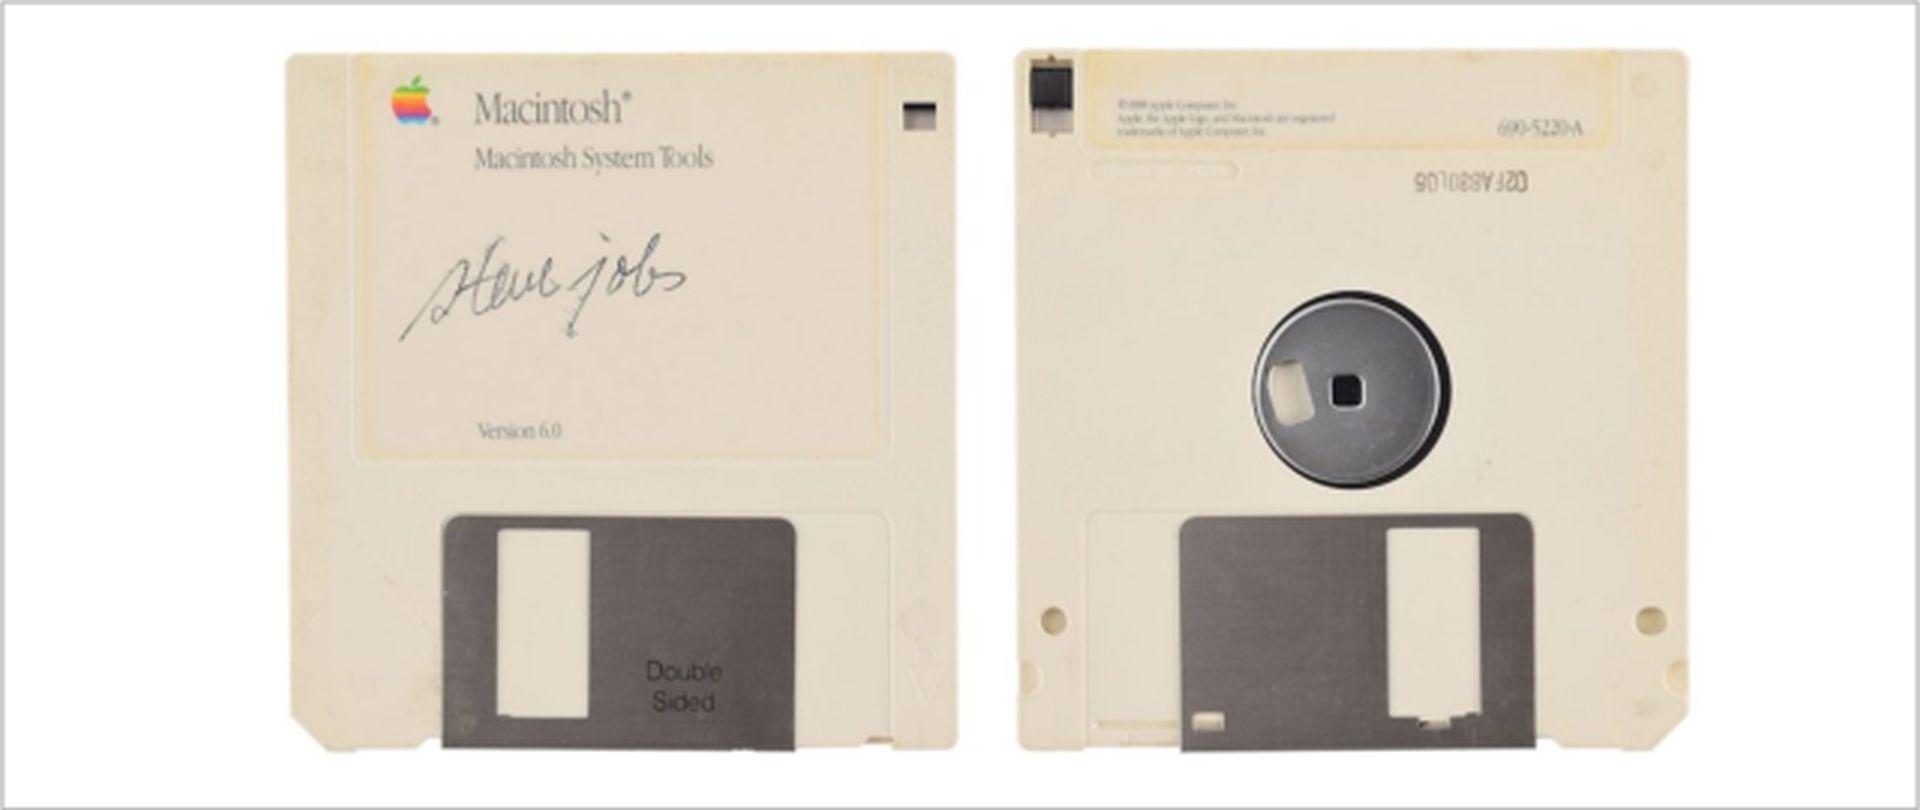 Dyskietka z autografem Steve'a Jobsa dostępna na aukcji